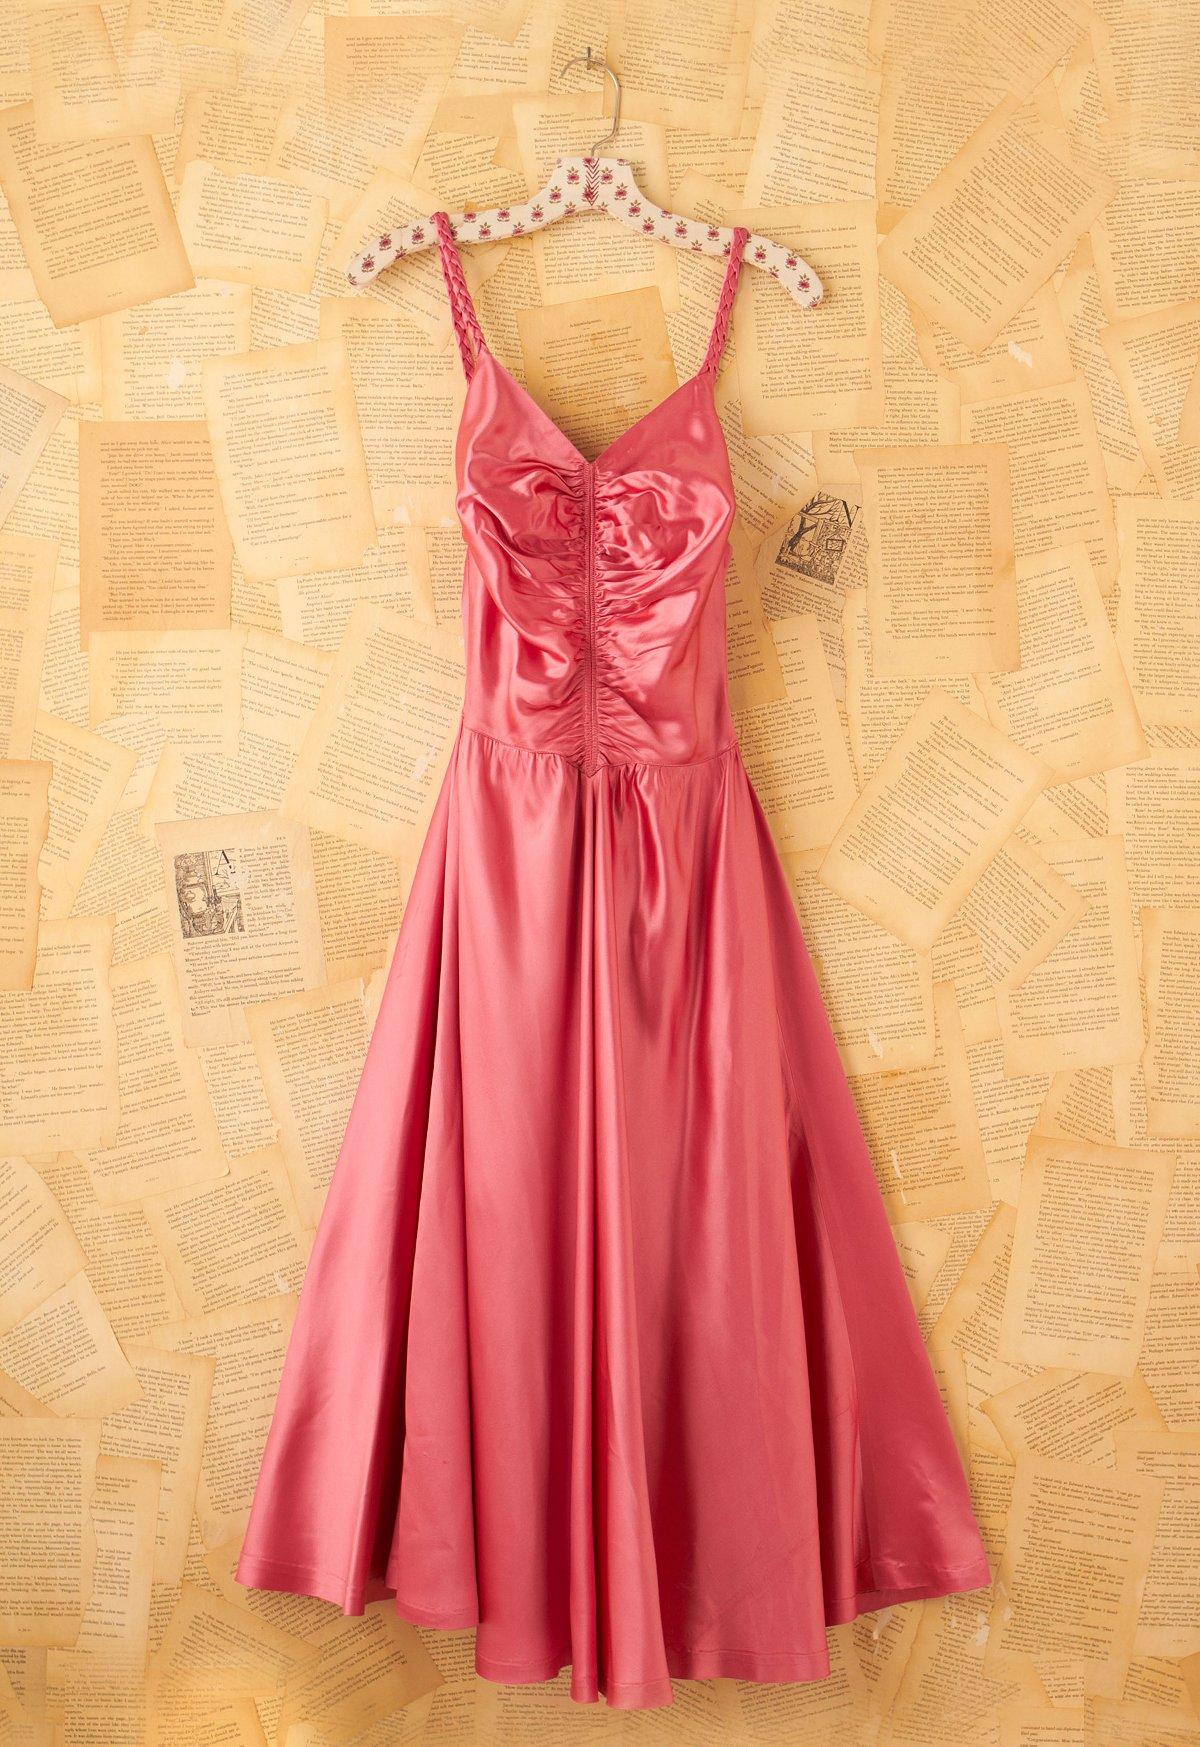 Vintage 1950s Pink Satin Dress